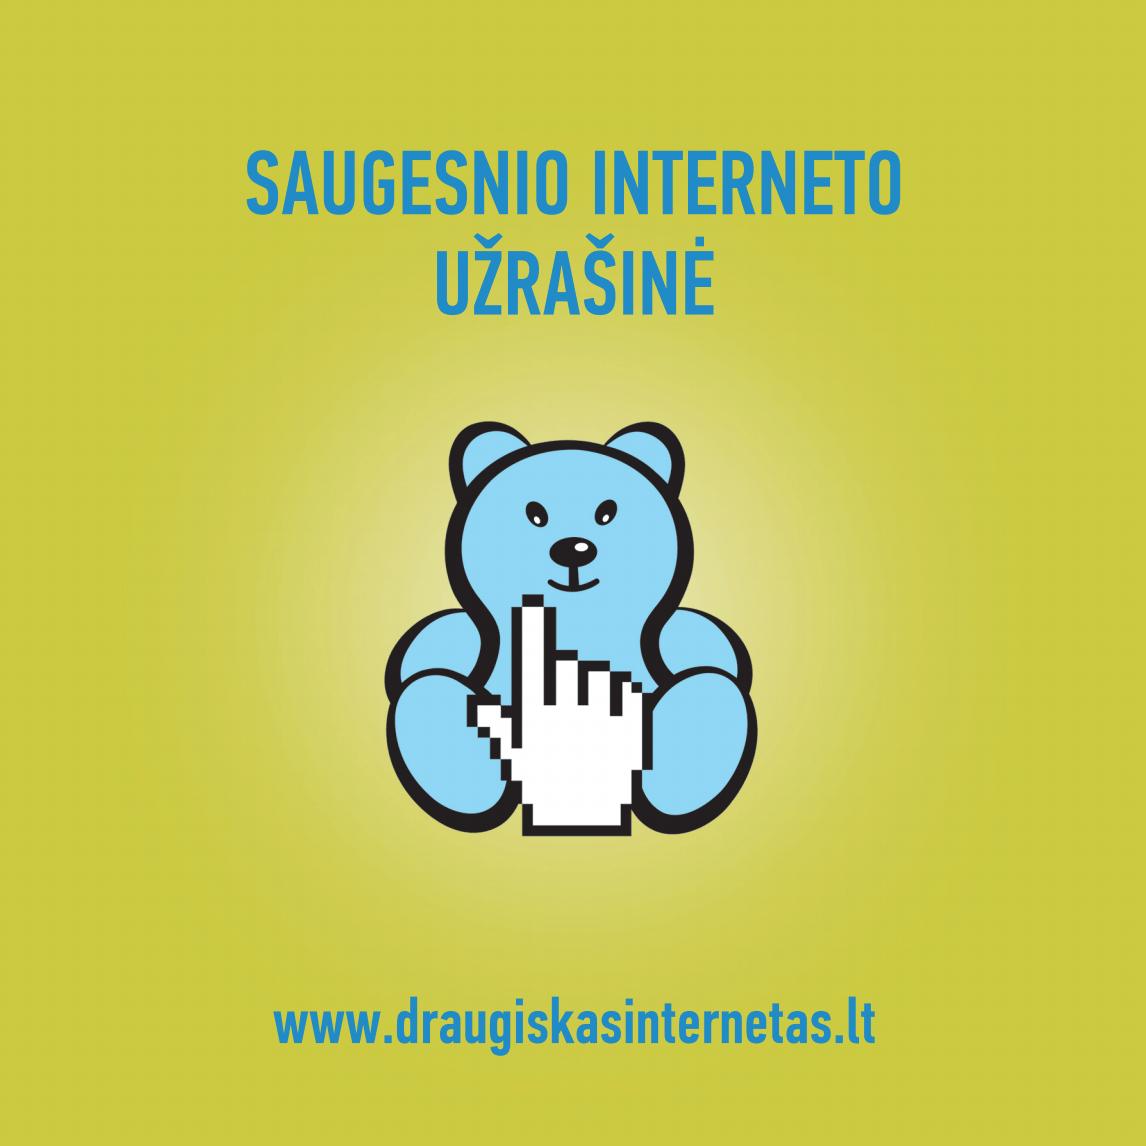 Saugesnio interneto užrašinė